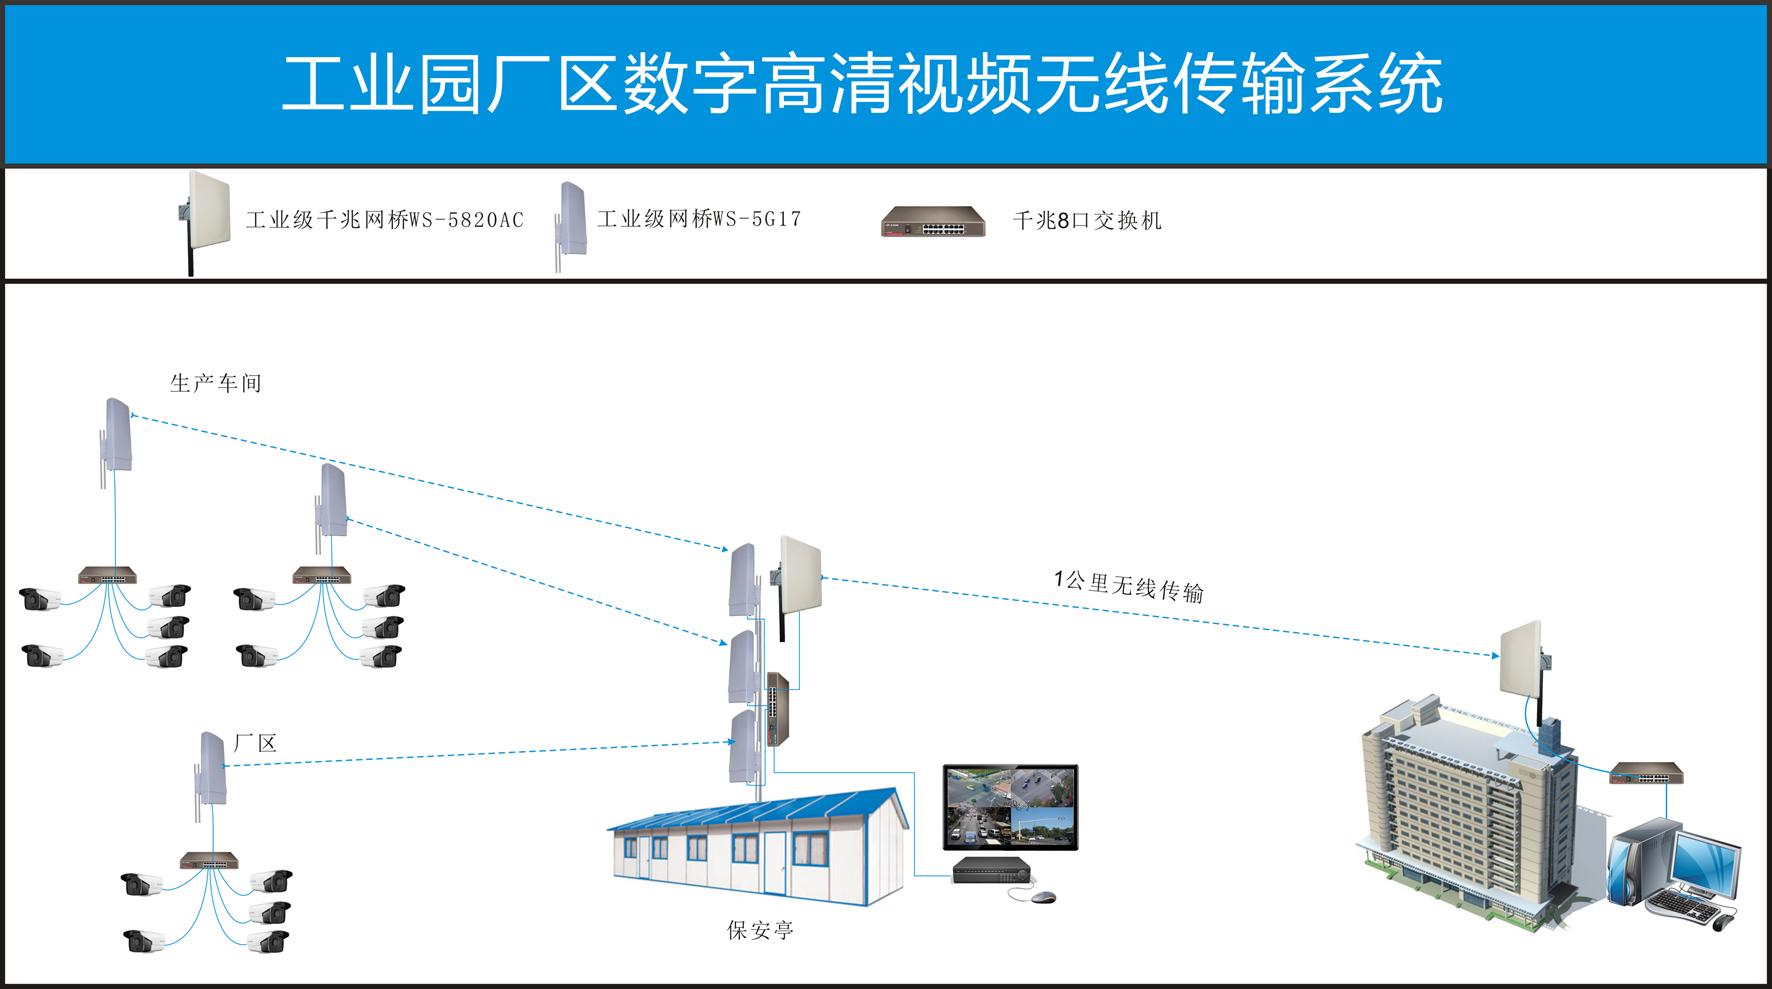 无线视频传输系统的设计方案是怎么样的